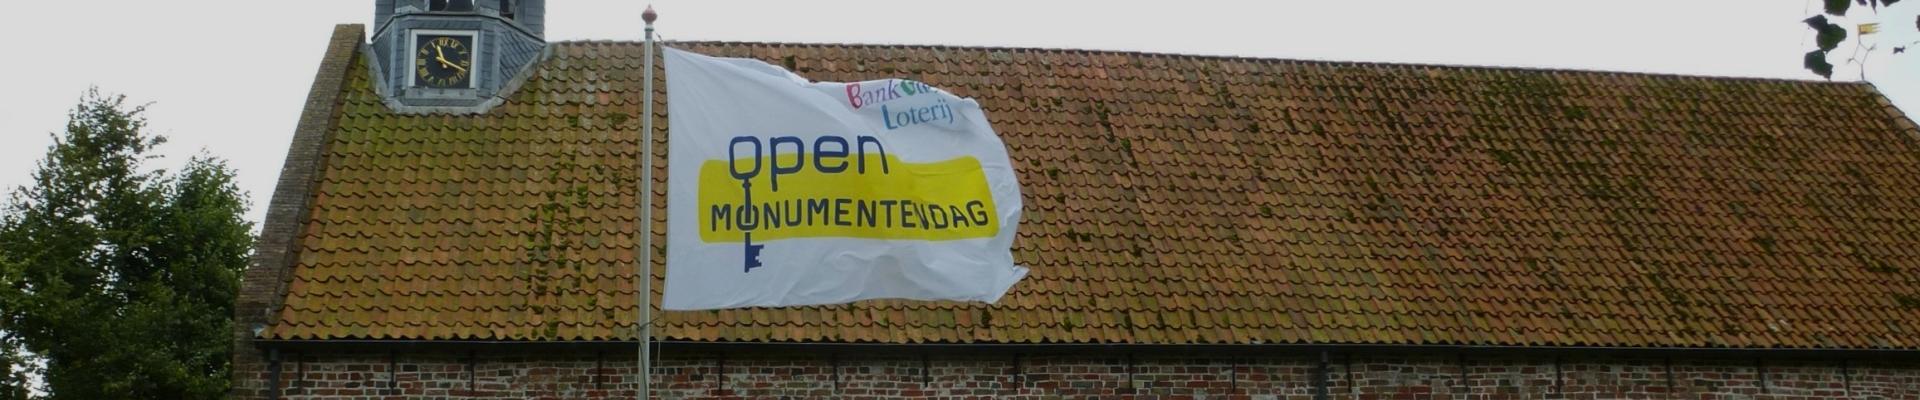 Open Monumentendag vlag